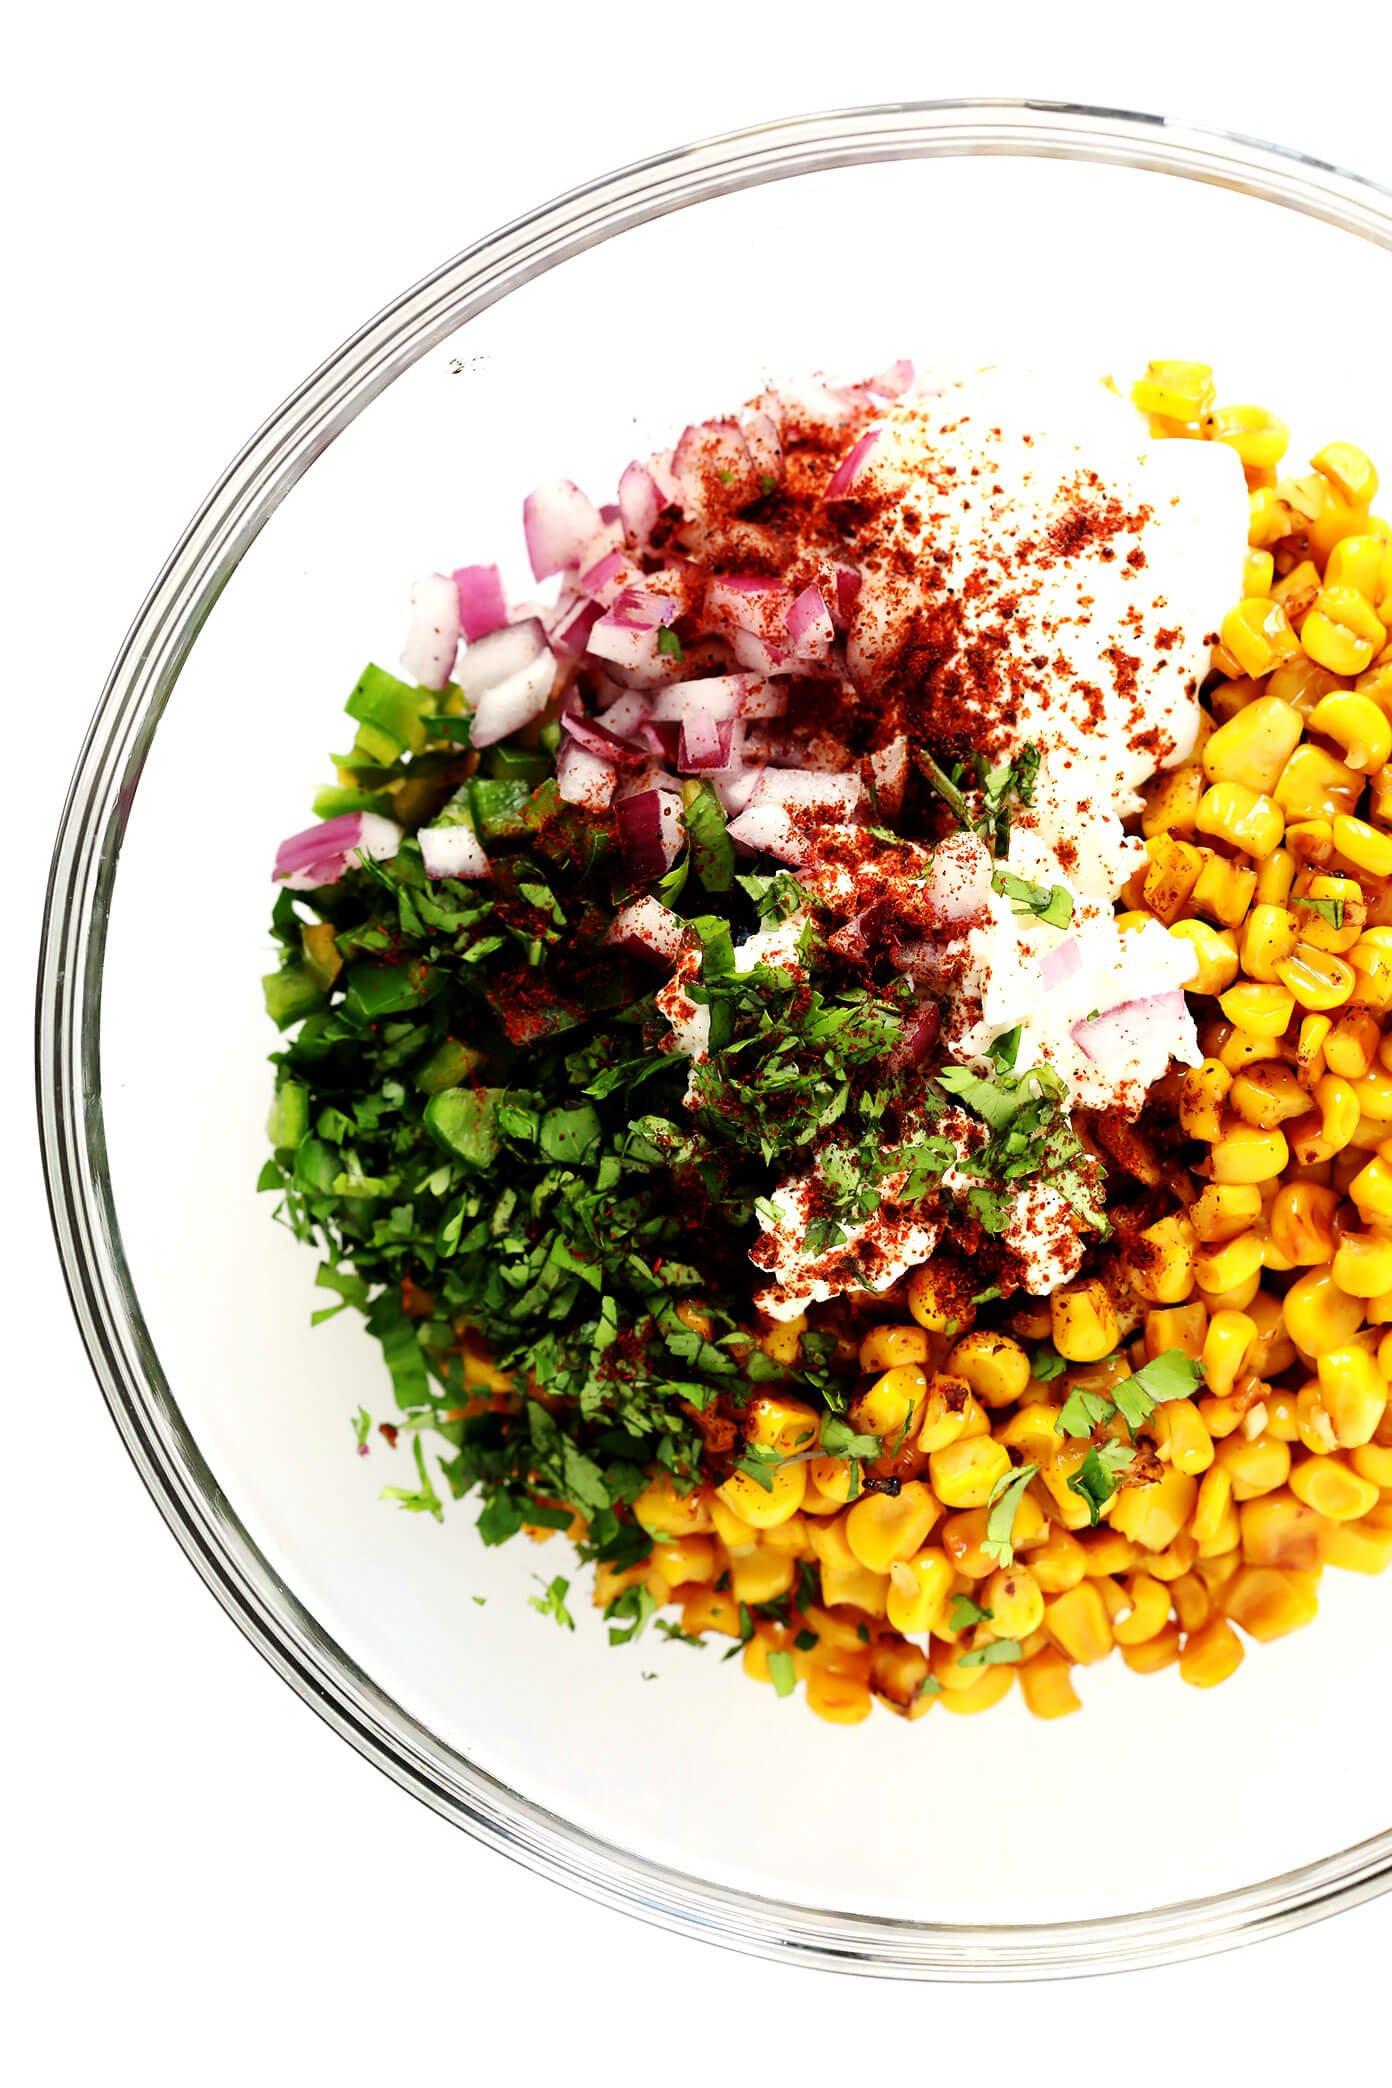 Elote (Mexican Street Corn) Dip Ingredients